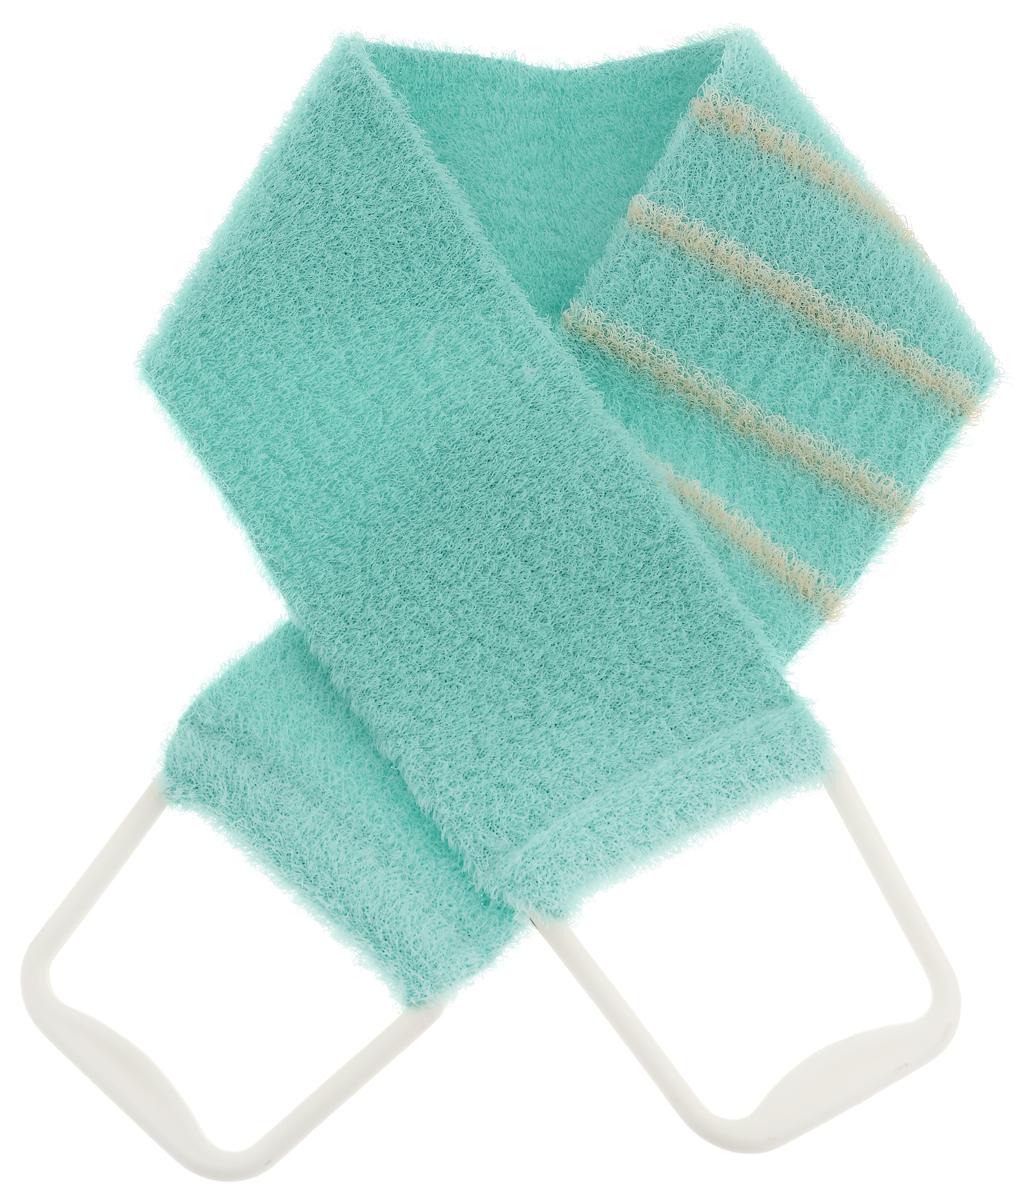 Riffi Мочалка-пояс, массажная, жесткая, цвет: салатовый. 824SW 417Мочалка-пояс Riffi используется для мытья тела, обладает активным пилинговым действием, тонизируя, массируя и эффективно очищая вашу кожу. Хлопковая основа придает мочалке высокие моющие свойства, а примесь жестких синтетических волокон усиливает ее массажное воздействие на кожу. Для удобства применения пояс снабжен двумя пластиковыми ручками.Благодаря отшелушивающему эффекту мочалки-пояса, кожа освобождается от отмерших клеток, становится гладкой, упругой и свежей. Массаж тела с применением Riffi стимулирует кровообращение, активирует кровоснабжение, способствует обмену веществ, что в свою очередь позволяет себя чувствовать бодрым и отдохнувшим после принятия душа или ванны. Riffi регенерирует кожу, делает ее приятно нежной, мягкой и лучше готовой к принятию косметических средств. Приносит приятное расслабление всему организму. Борется со спазмами и болями в мышцах, предупреждает образование целлюлита и обеспечивает омолаживающий эффект. Моет легко и энергично. Быстро сохнет. Гипоаллергенная.Товар сертифицирован.